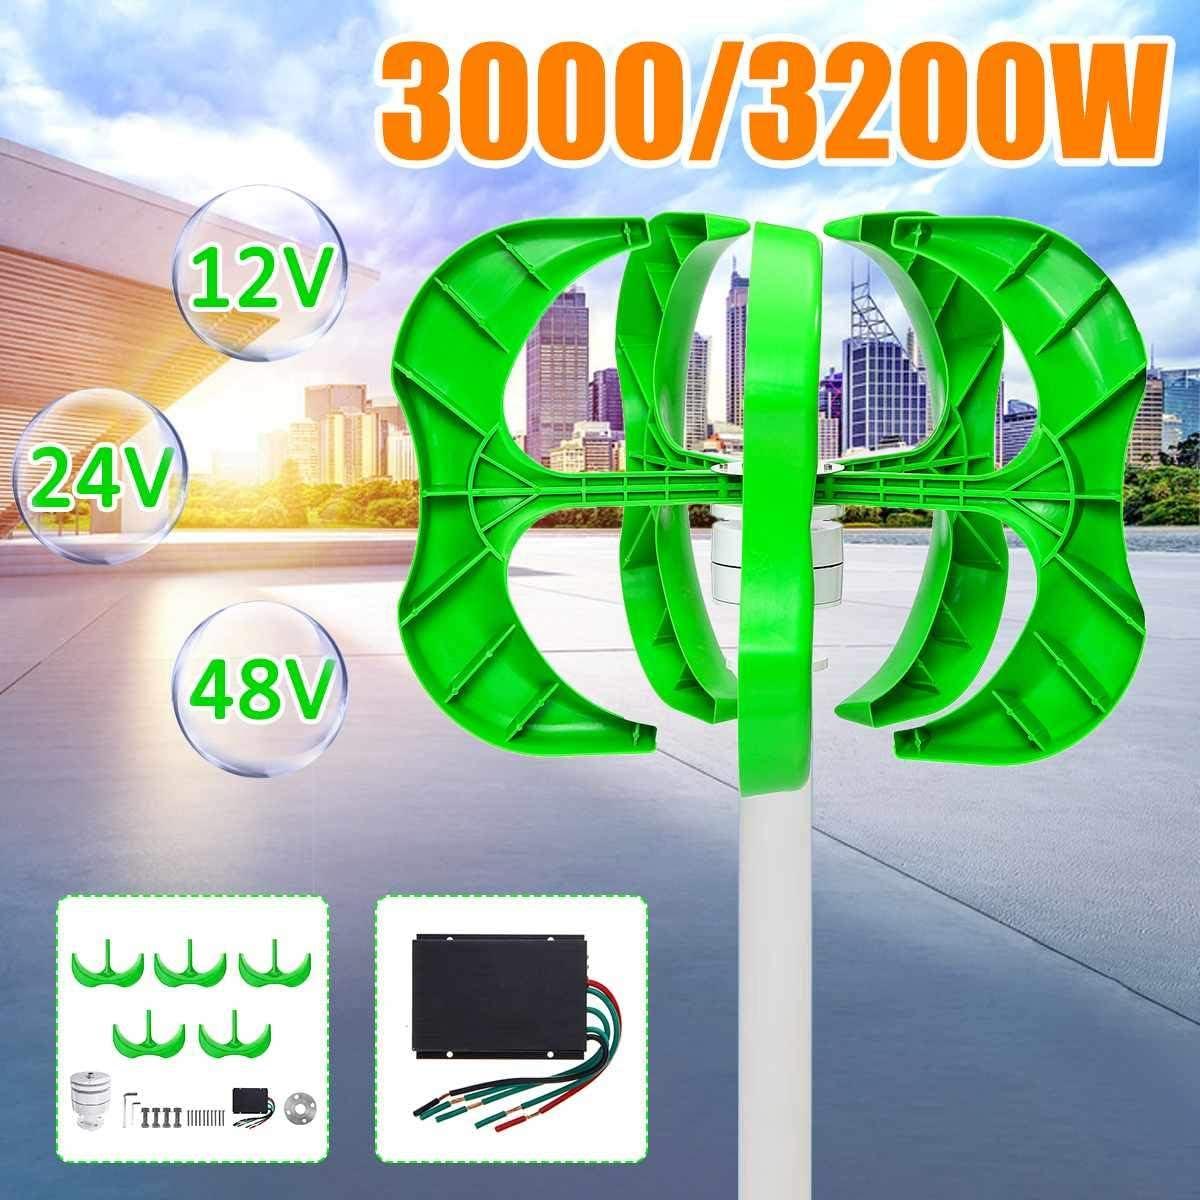 3200W / 3000W Aerogenerador 12/24 / 48V 5 Palas de turbina de Viento Vertical del Eje de la Linterna del generador Principal regulador de la luz de la Calle +,3.000w,24V